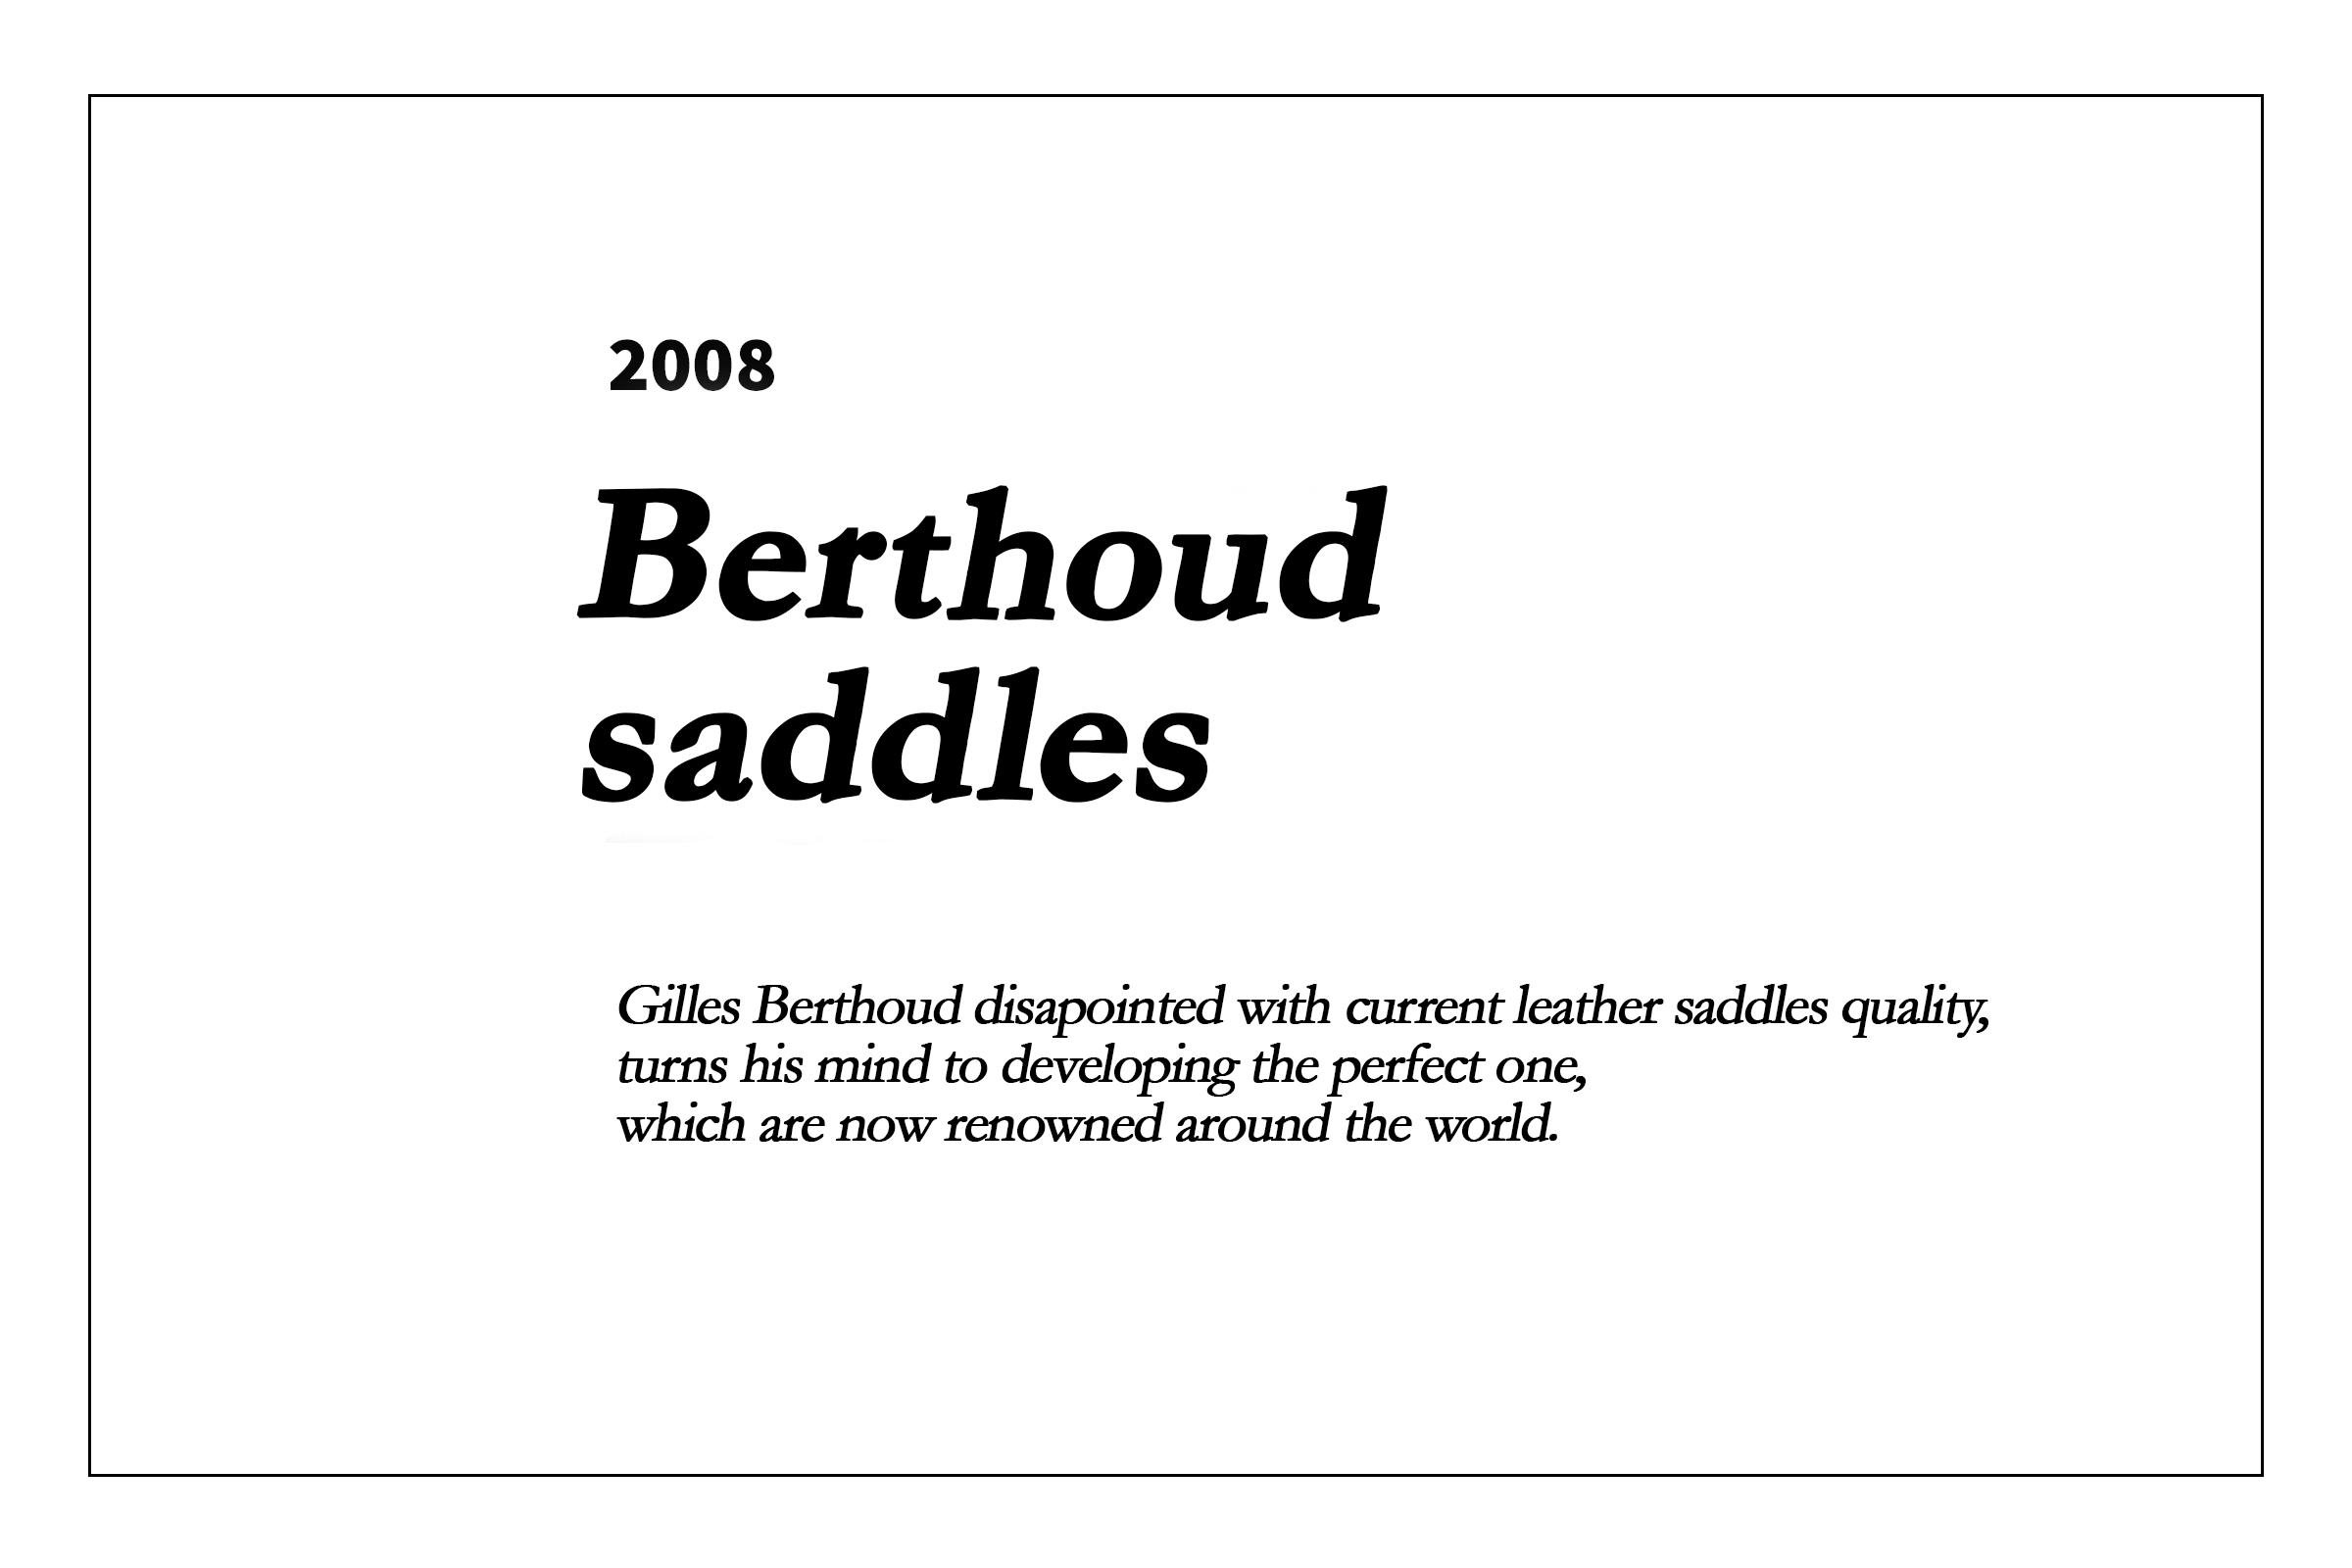 2008 - Les selles Berthoud